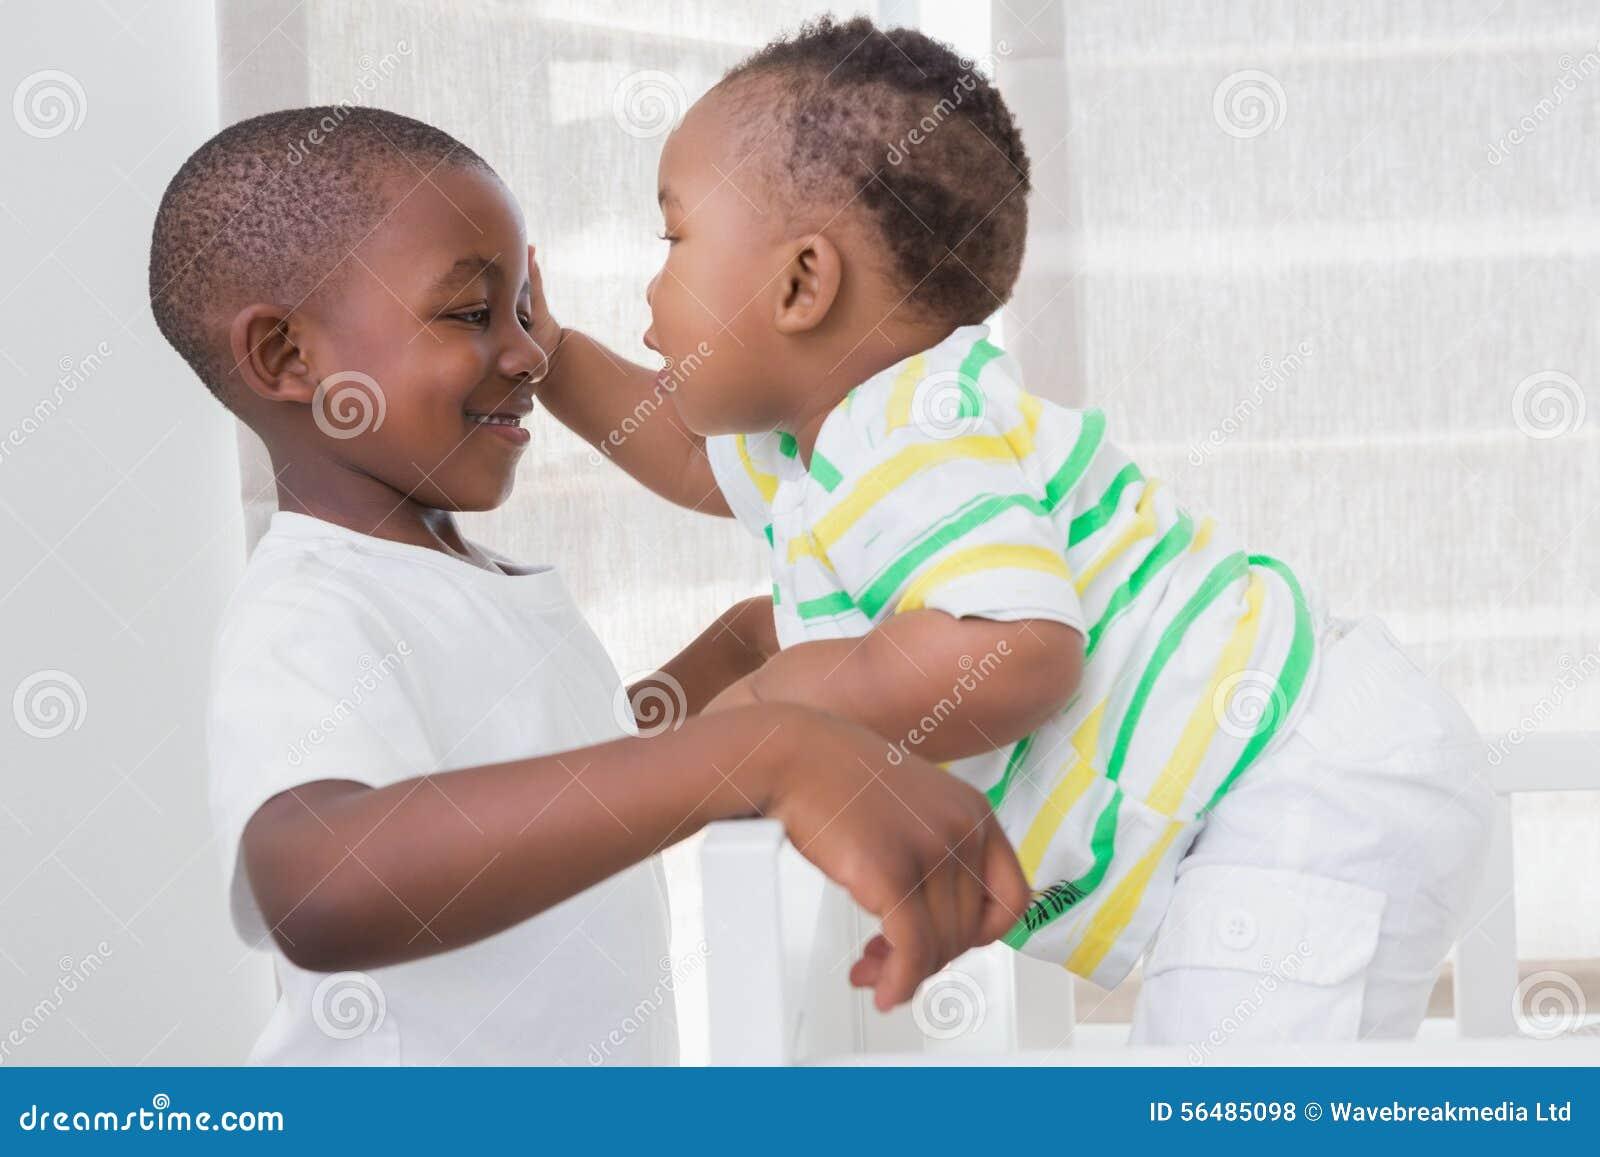 Babyboy jouant avec son frère dans son lit